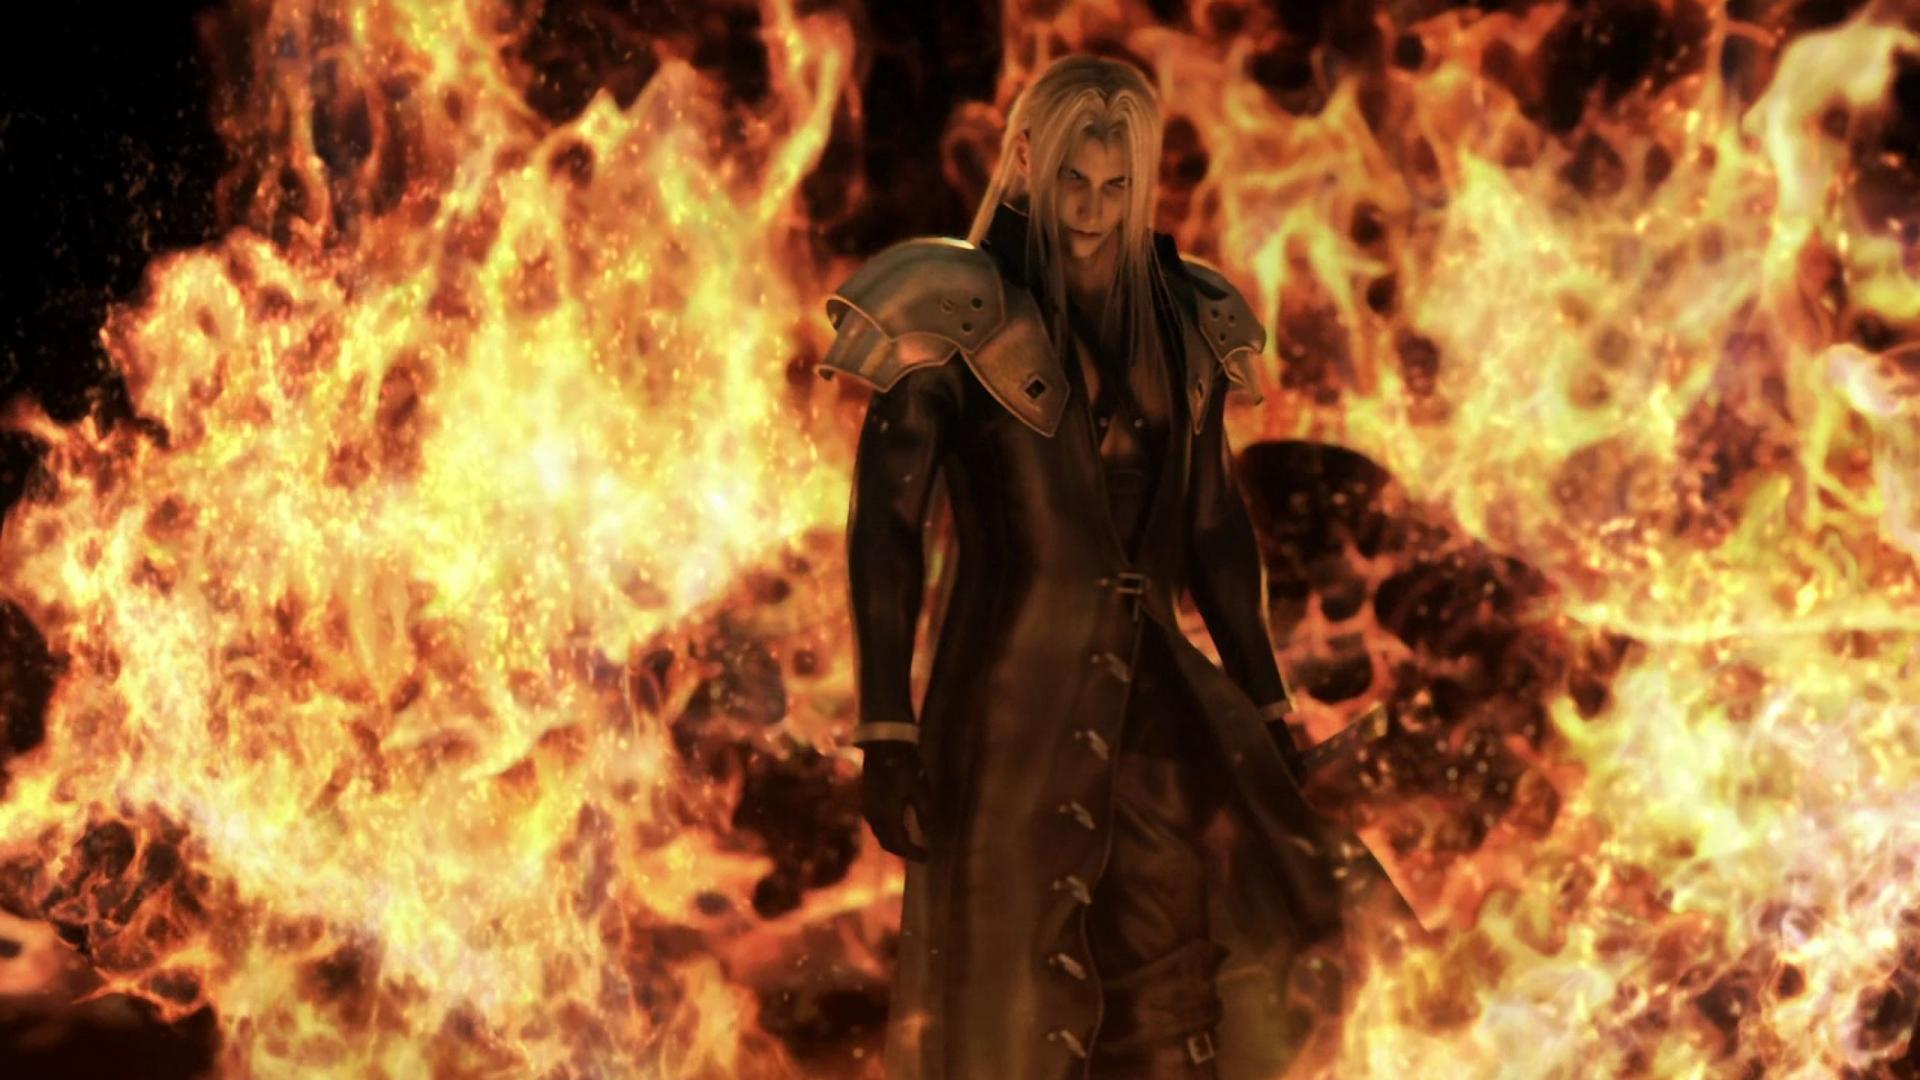 sephiroth villain